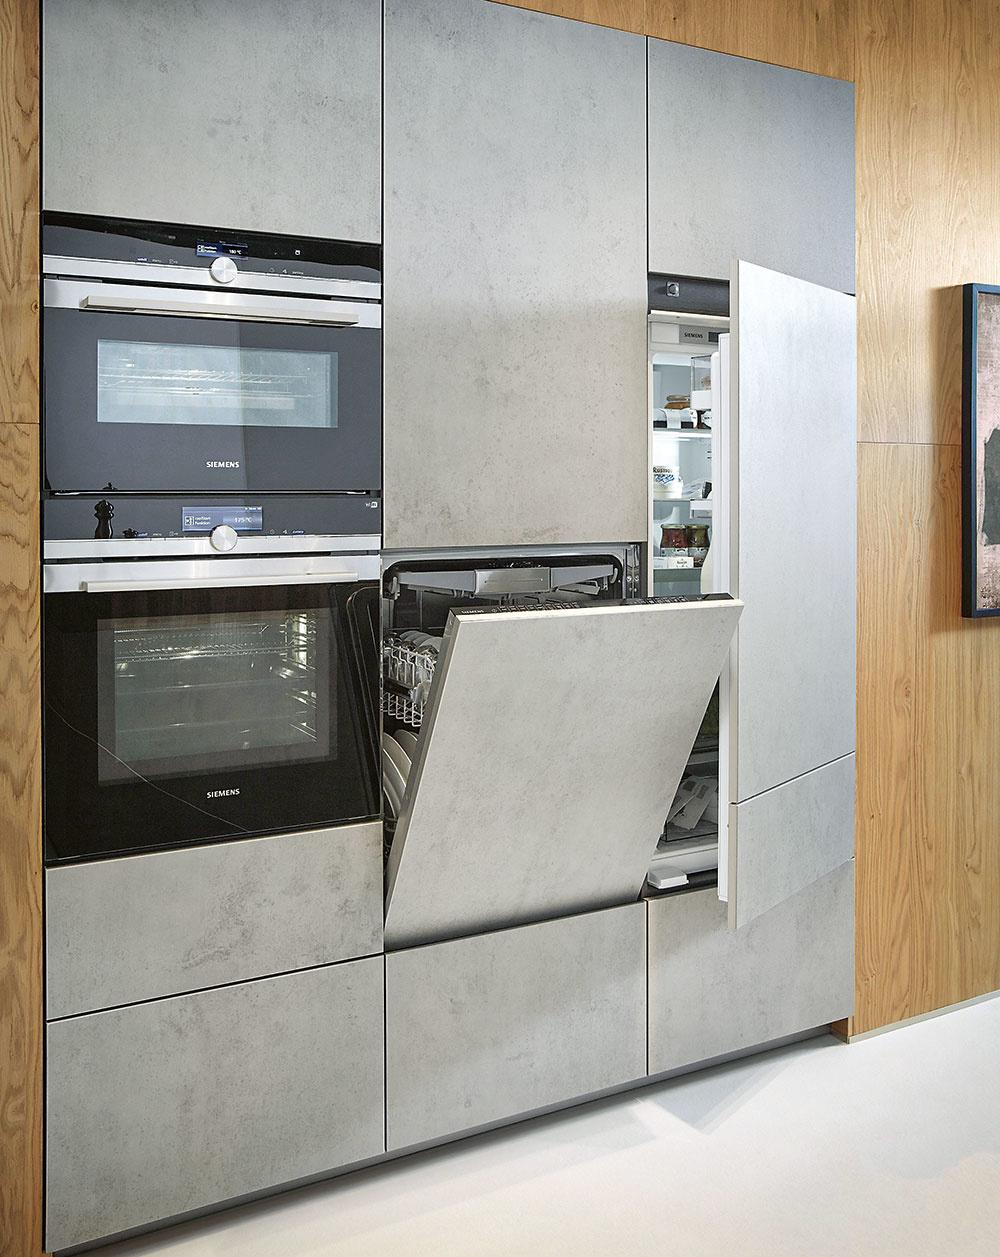 Na výške záleží. Spotrebiče si umiestnite tak, aby sa vám snimi pohodlne pracovalo. Umývačka riadu nemusí byť nutne zabudovaná iba pod kuchynskou linkou. Váš chrbát určite ocení, ak si ju umiestnite opár centimetrov vyššie.